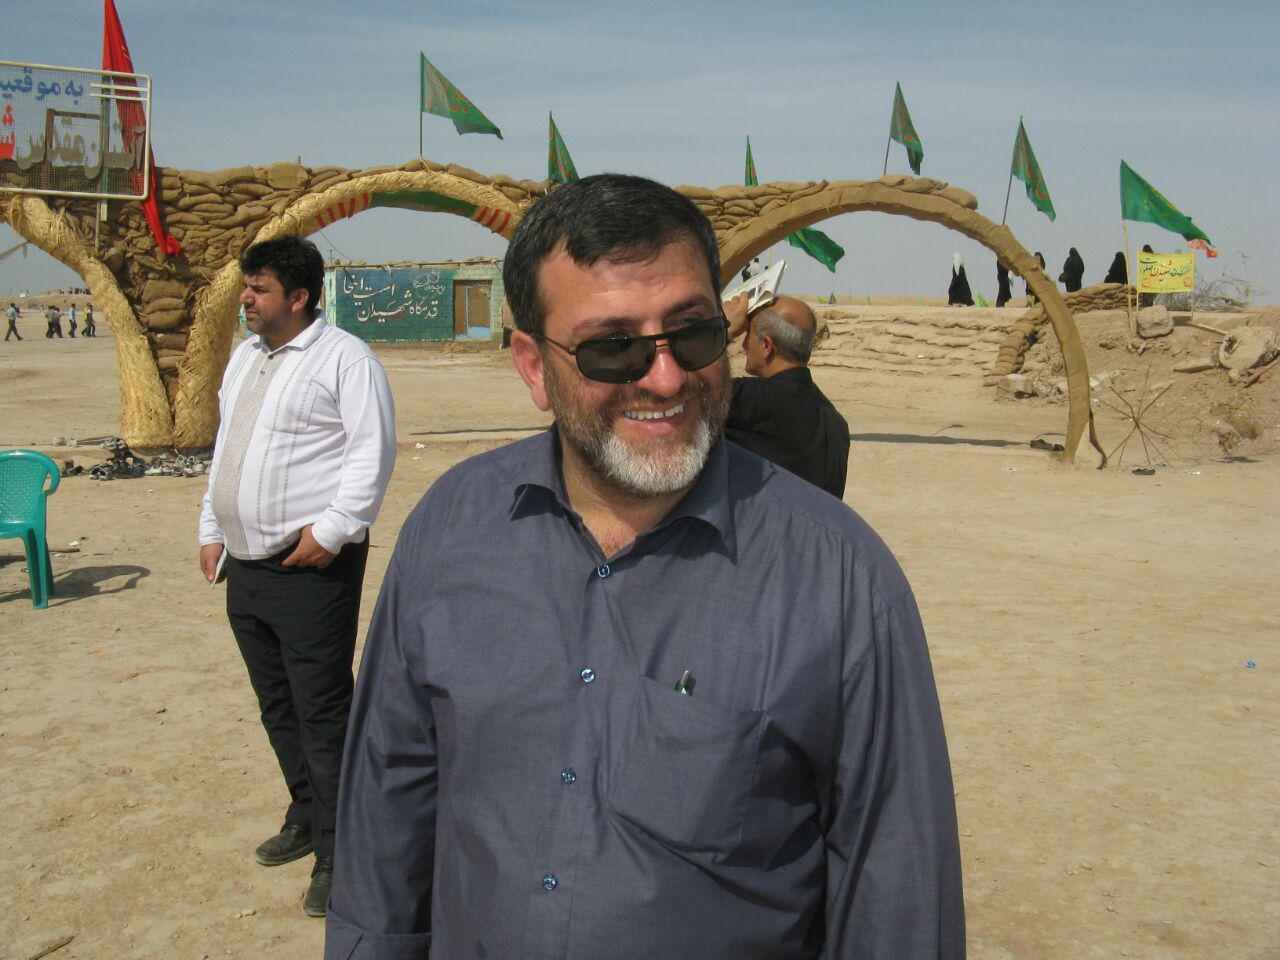 سید نورالدین نعمتی ریاست شورای شهر فومن از سمت خود استعفا داد